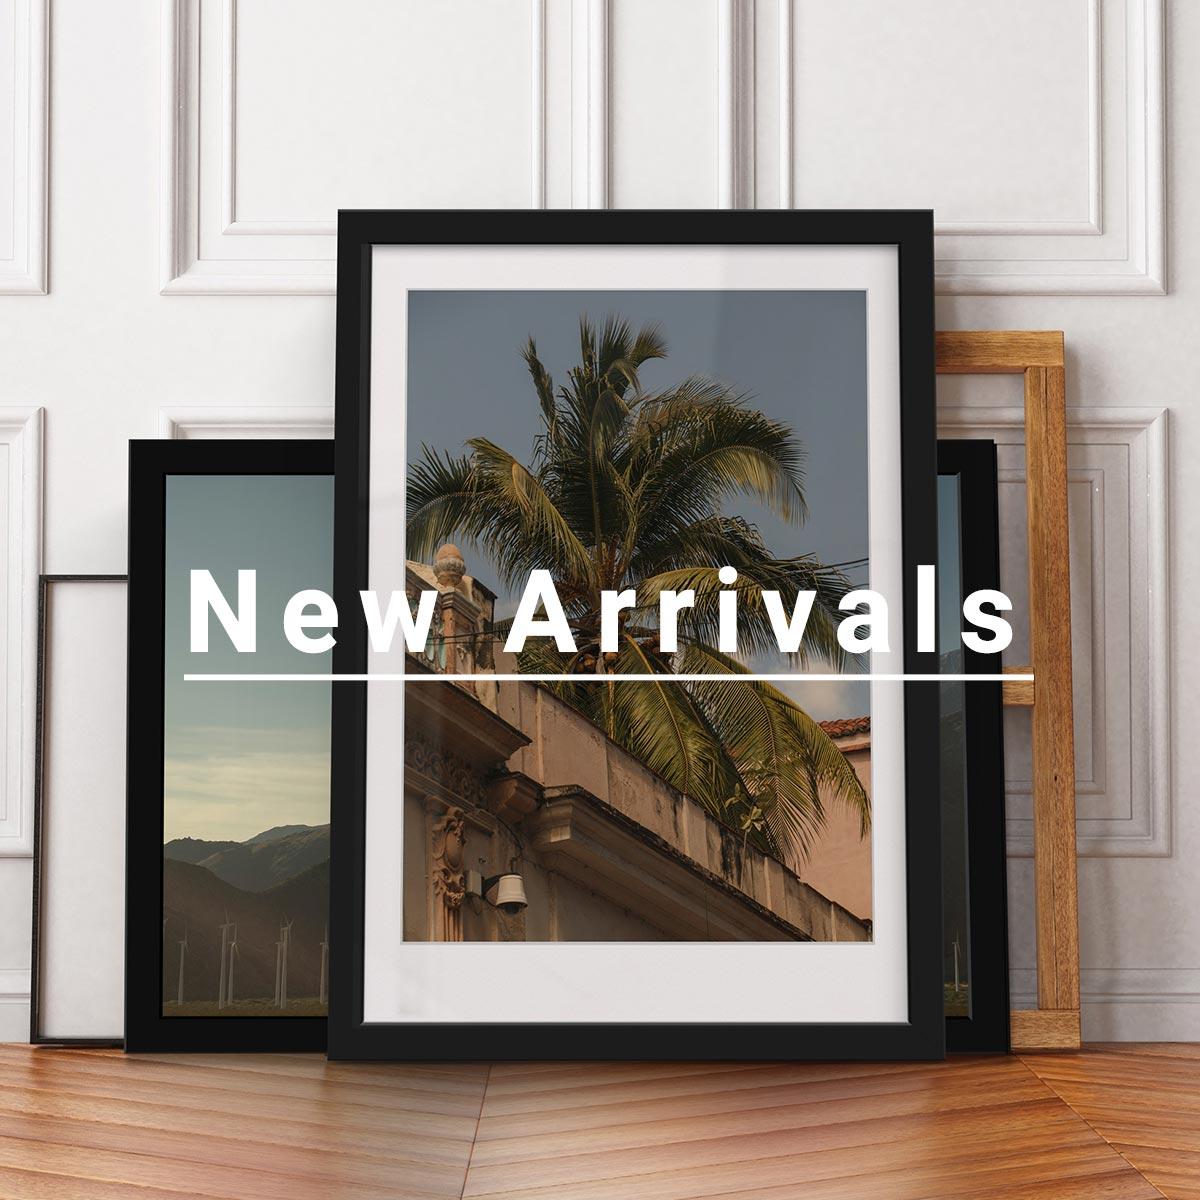 Shop New Arrivals on Artefakt